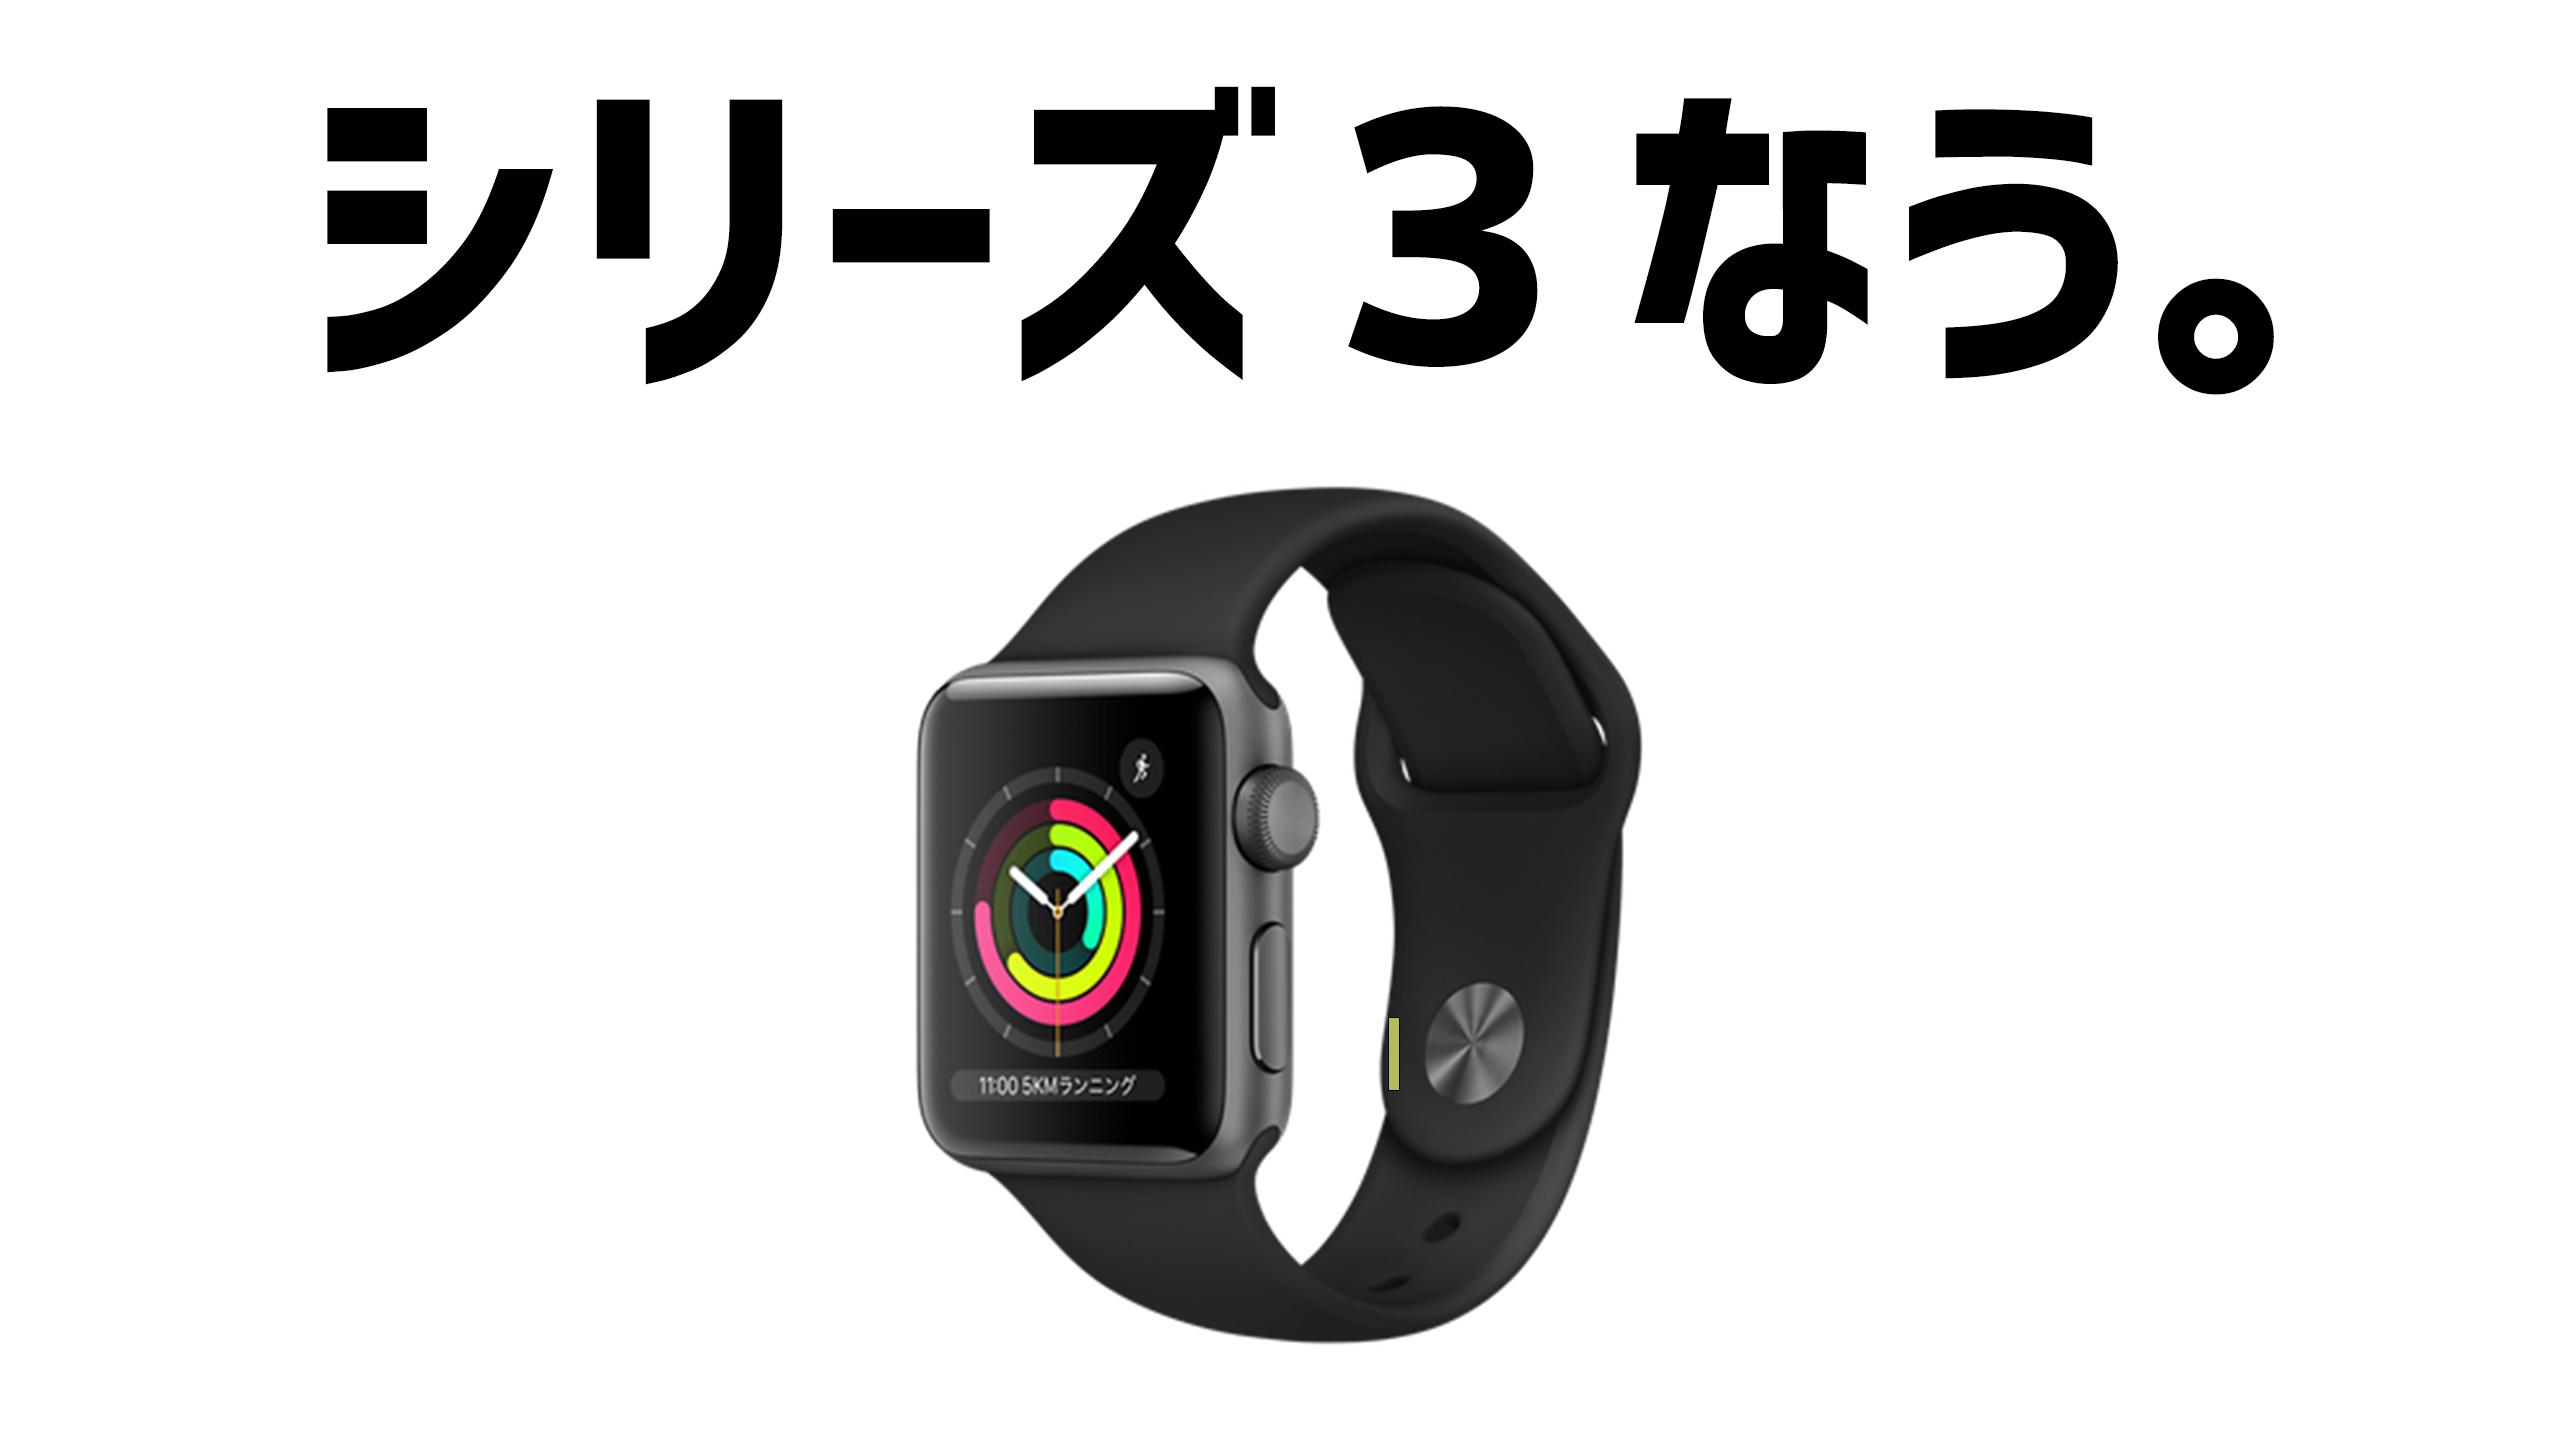 【スマホ周辺機器】2020年 いまさらApple Watch Series 3を選んだ理由